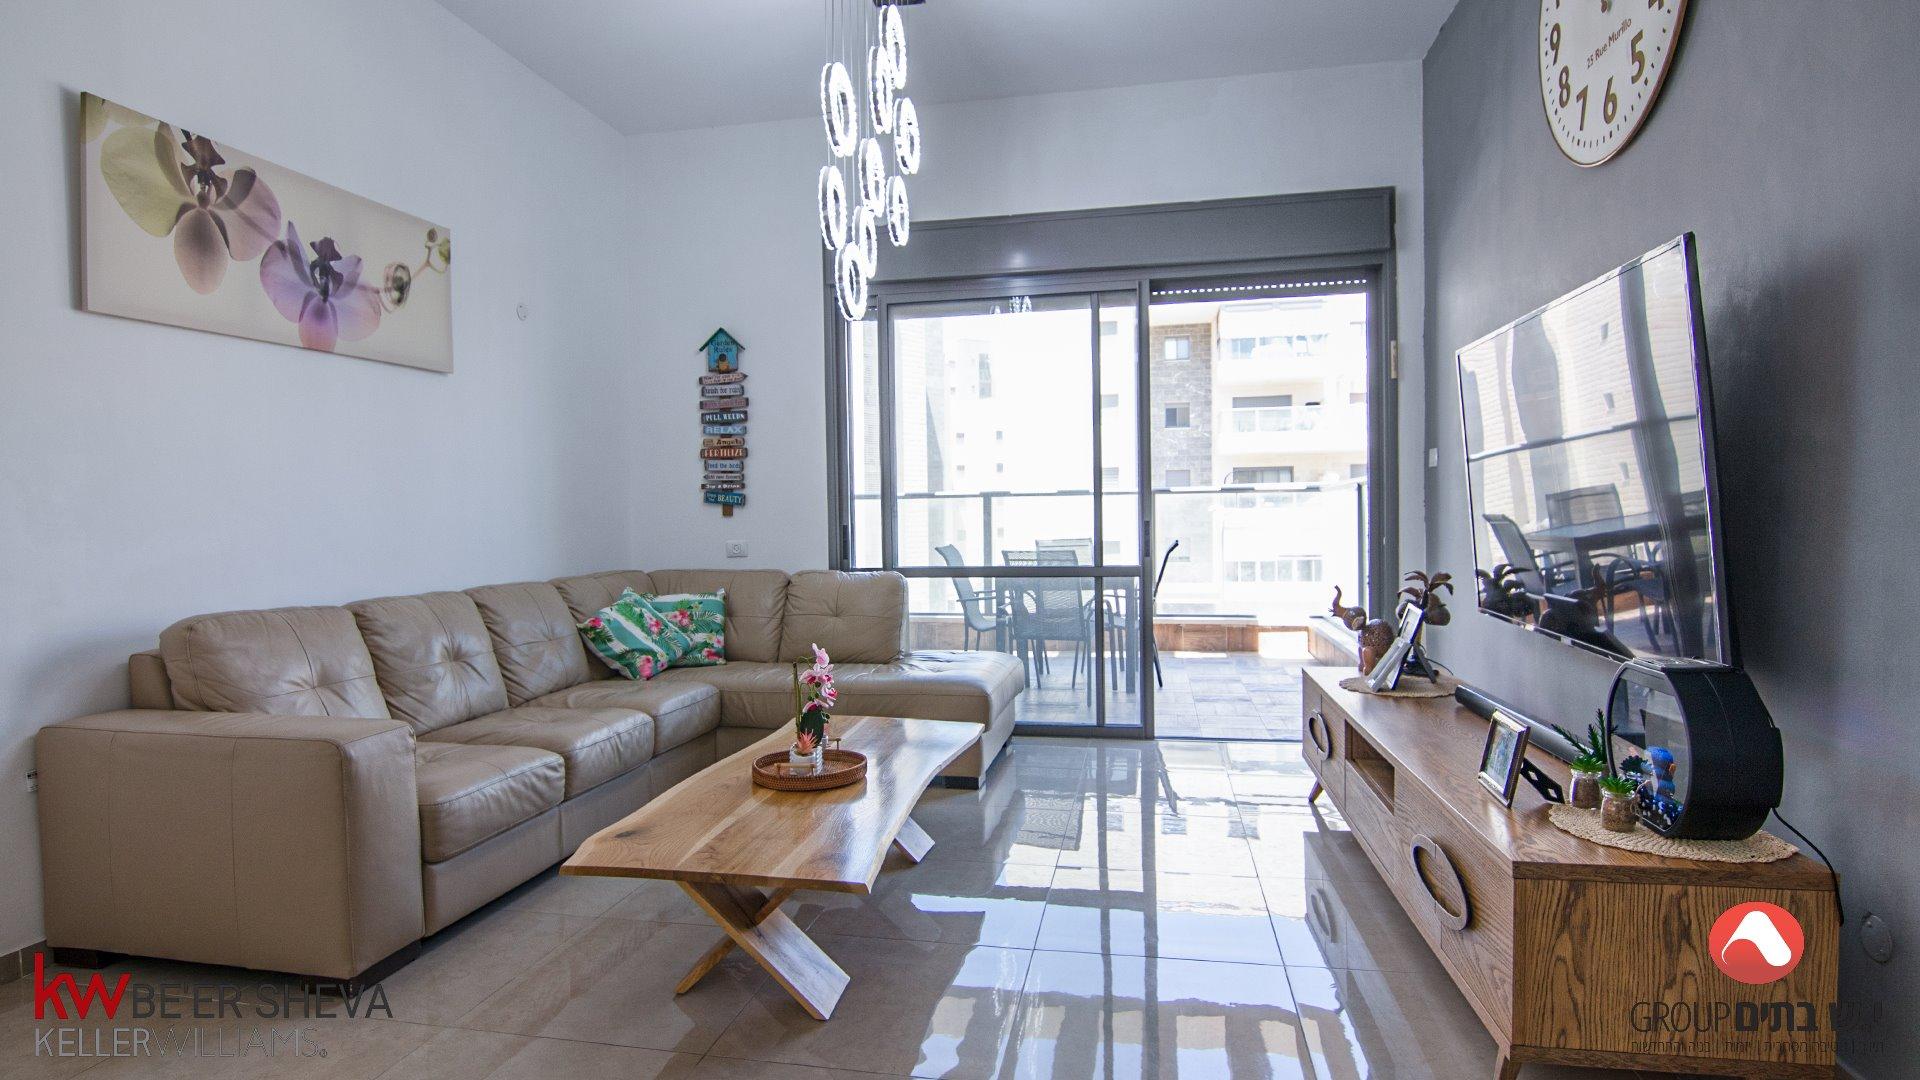 למכירה דירת 4 חדרים בפלח 5 בבאר שבע